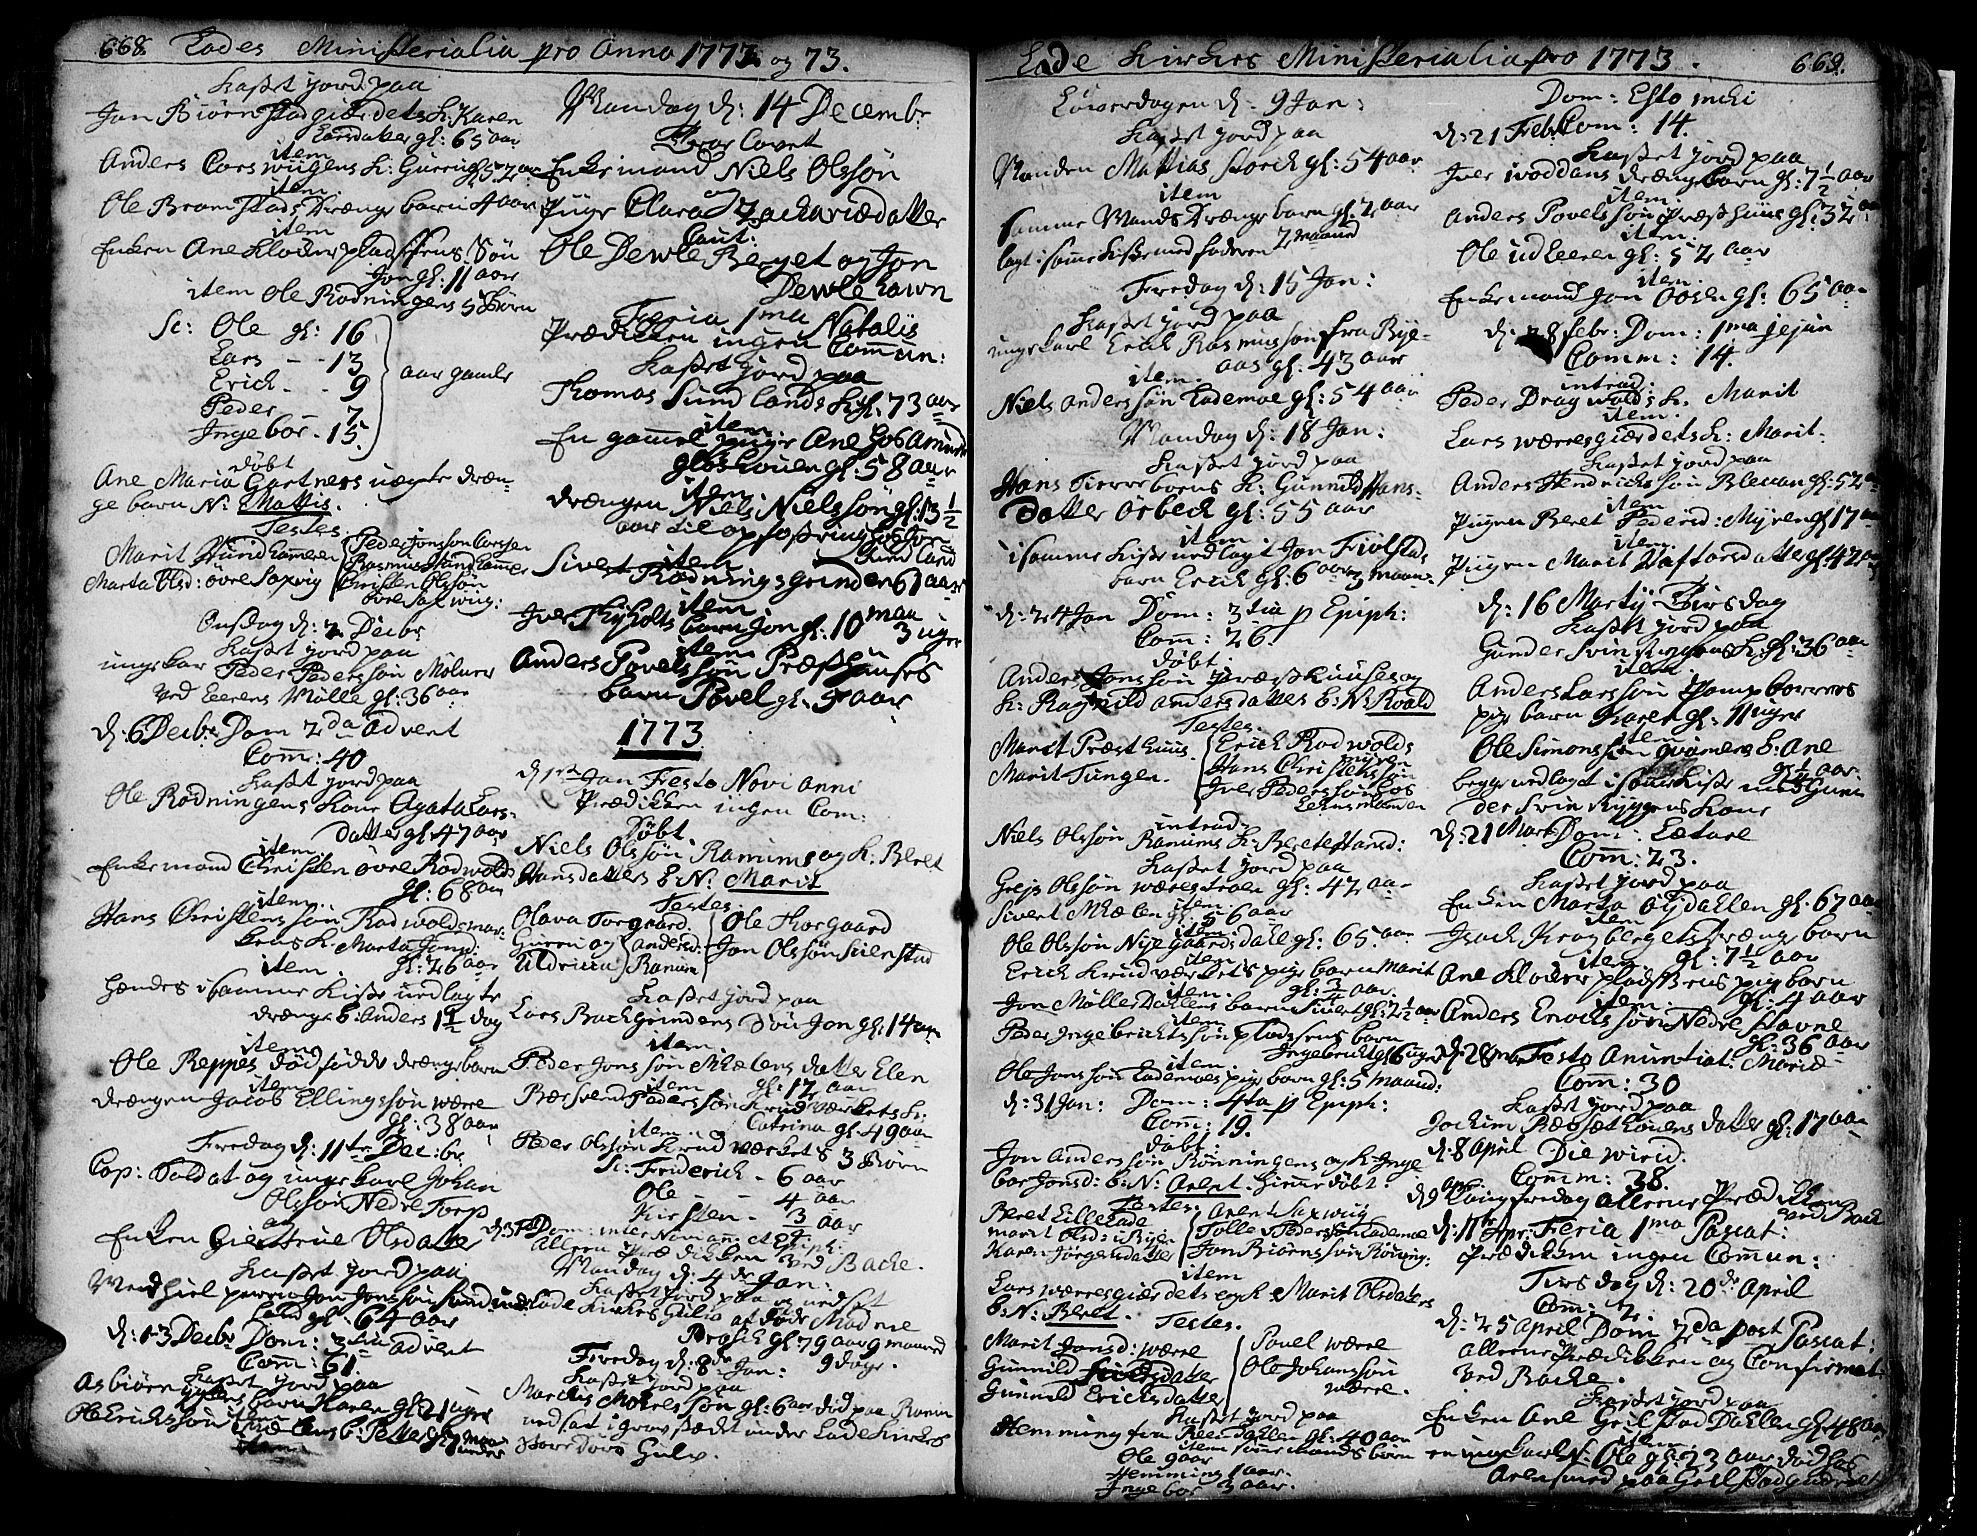 SAT, Ministerialprotokoller, klokkerbøker og fødselsregistre - Sør-Trøndelag, 606/L0275: Ministerialbok nr. 606A01 /1, 1727-1780, s. 668-669